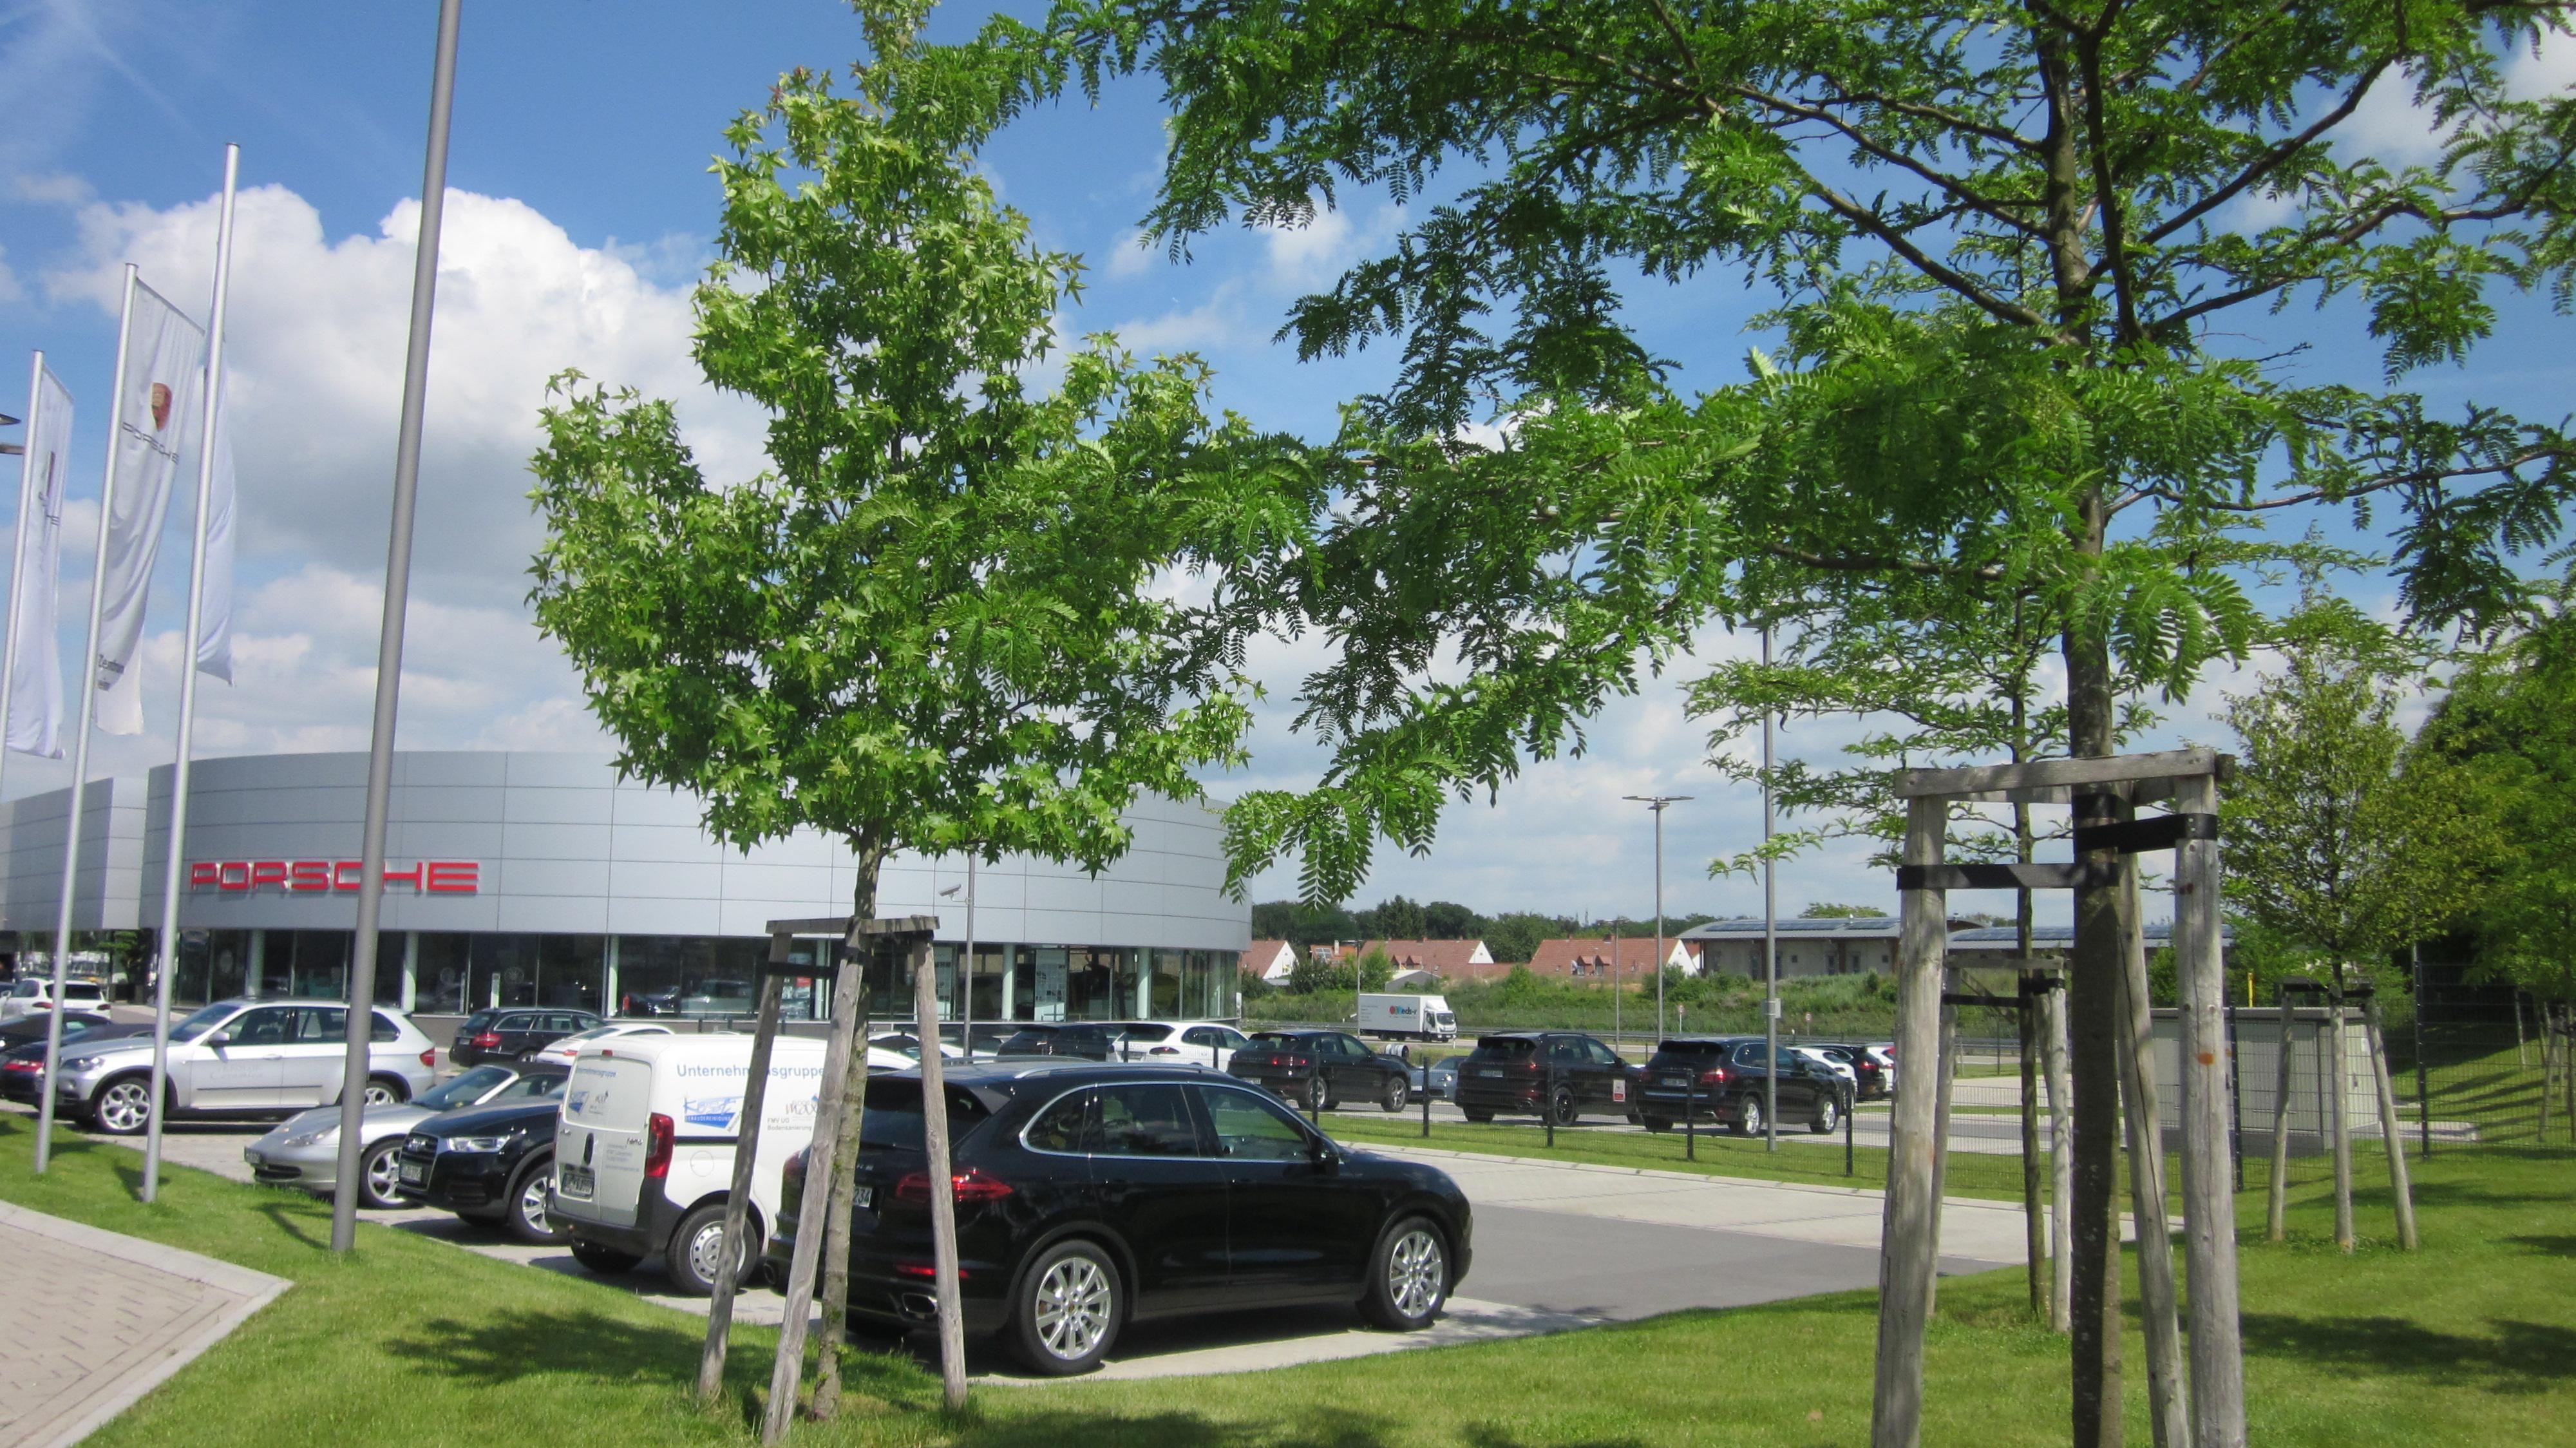 Garten Und Landschaftsbau Mannheim mannheim garten und landschaftsbau